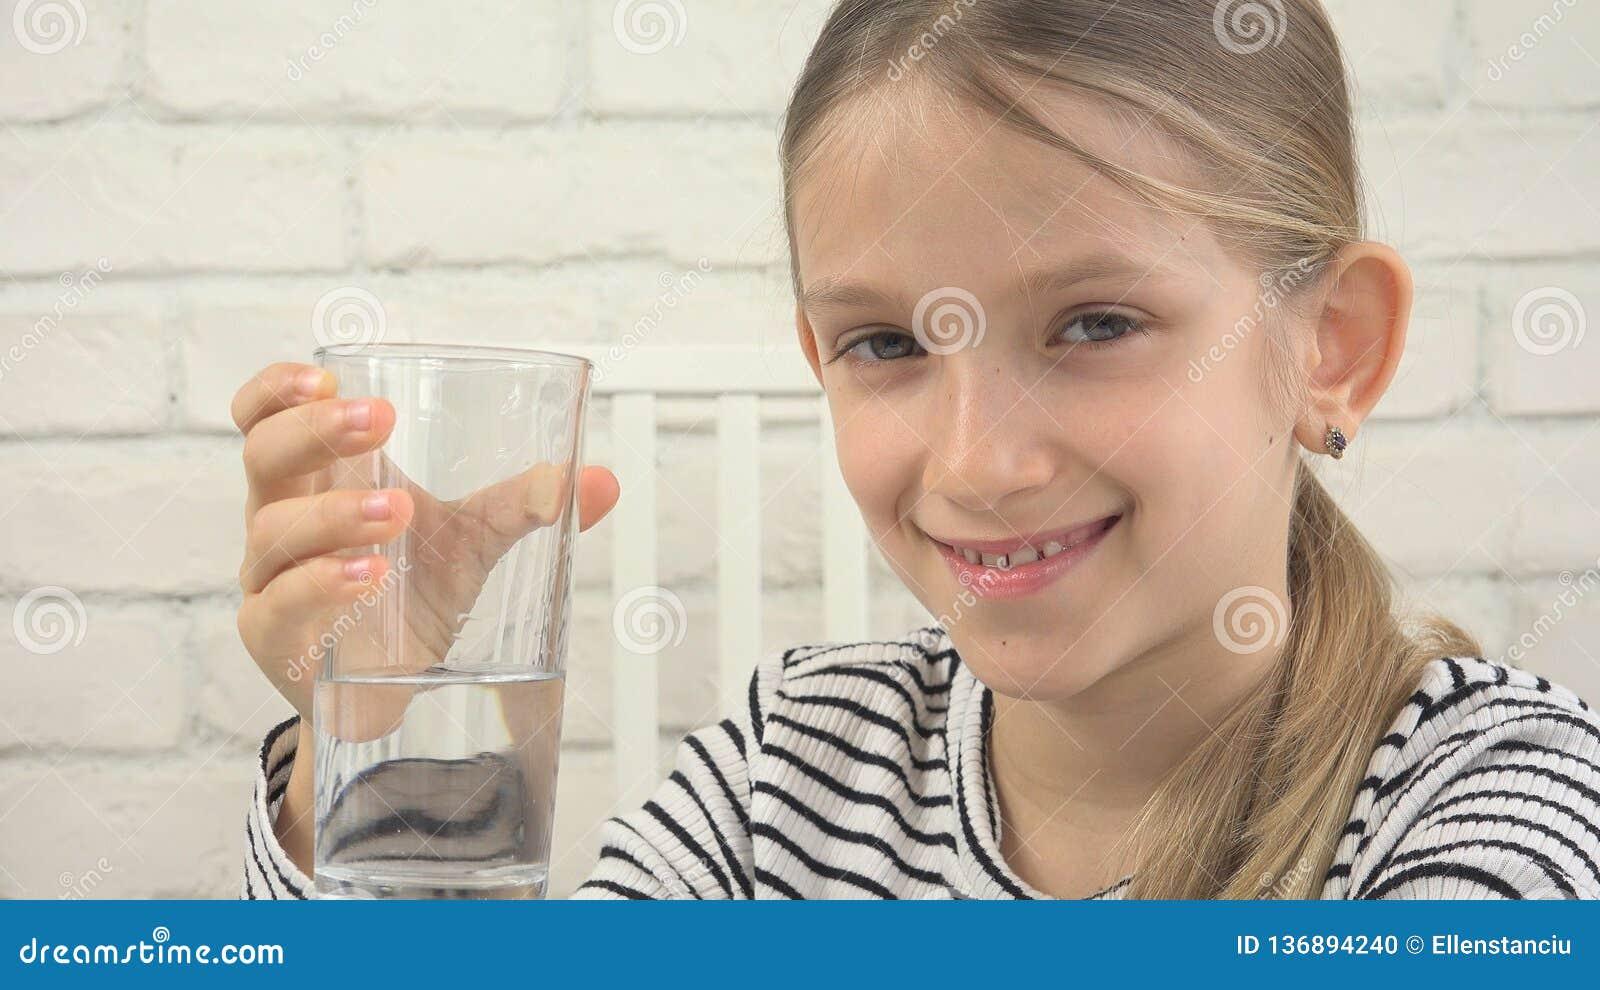 Acqua potabile del bambino, bambino assetato che studia vetro di acqua dolce, ragazza in cucina